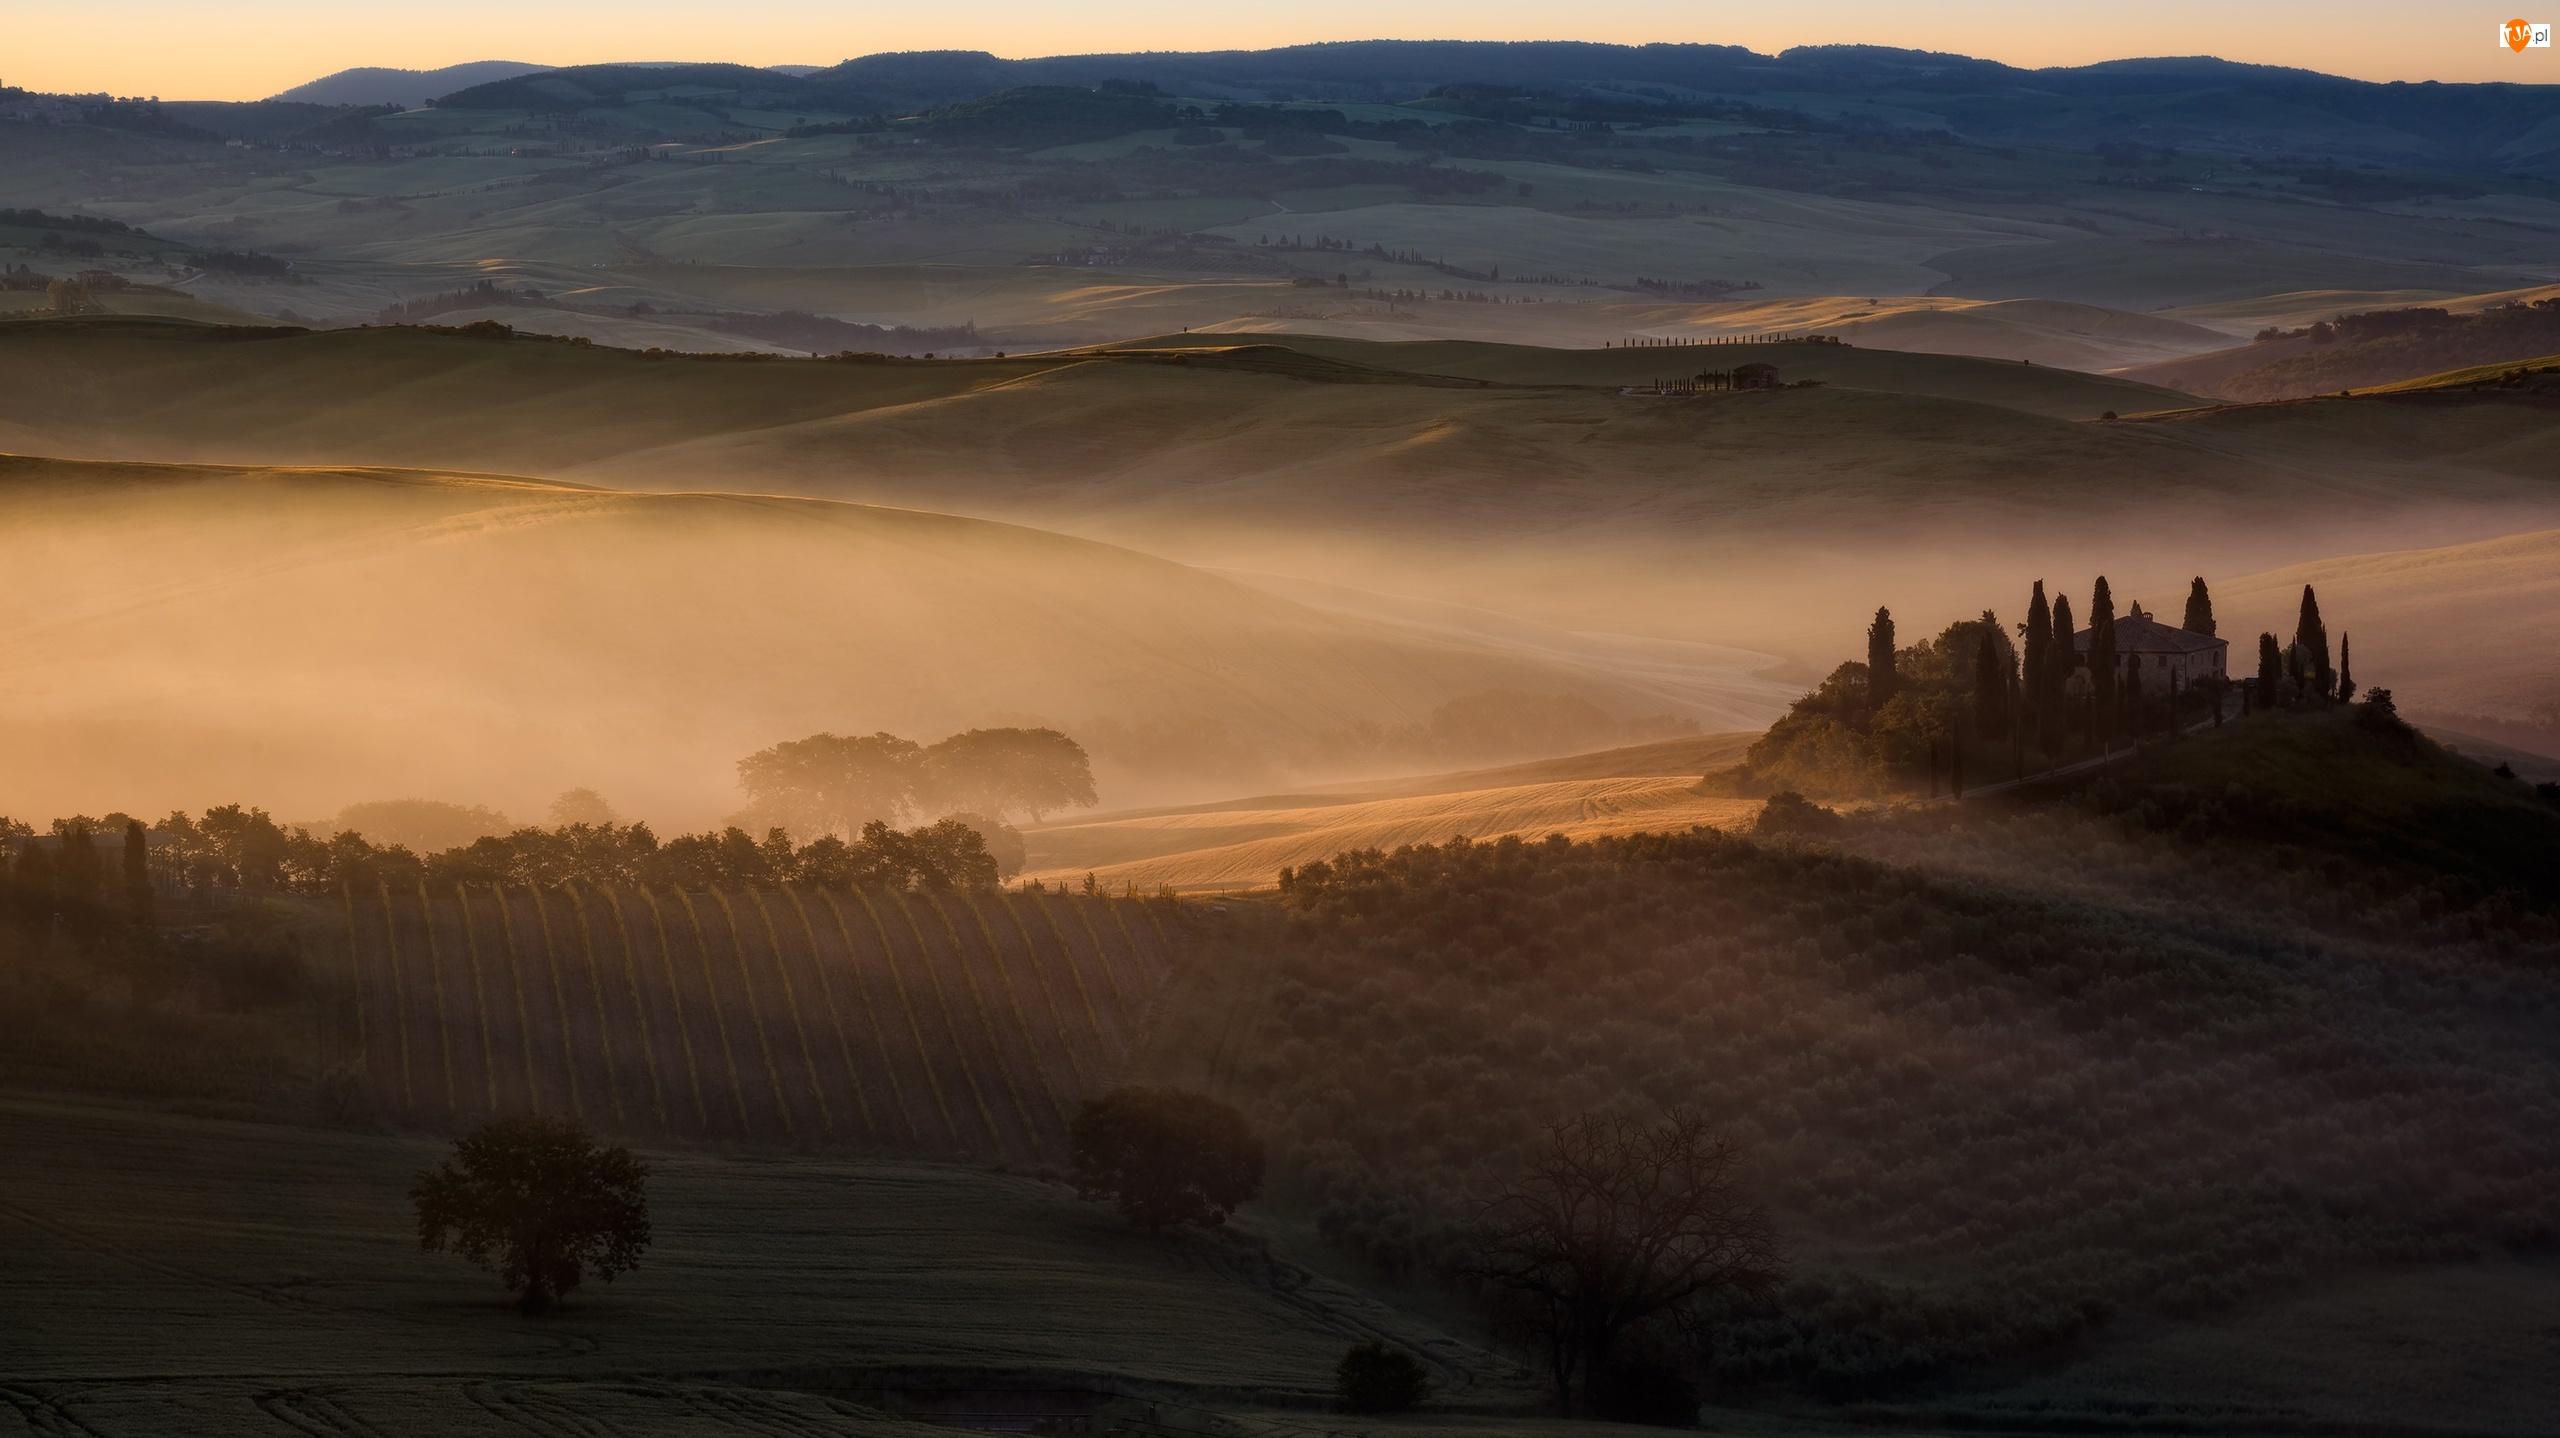 Toskania, Pola, Mgła, Włochy, Domy, Drzewa, Wzgórza